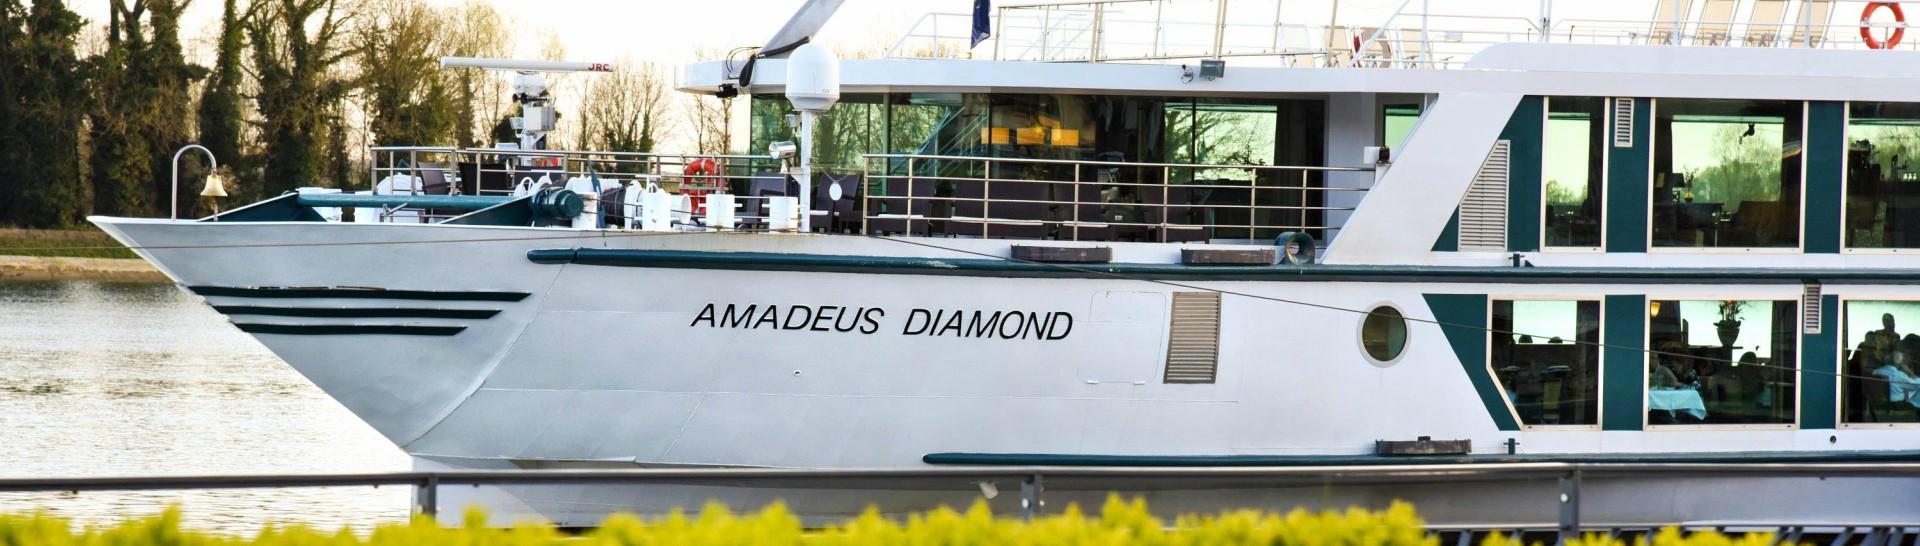 Amadeus Diamond ship